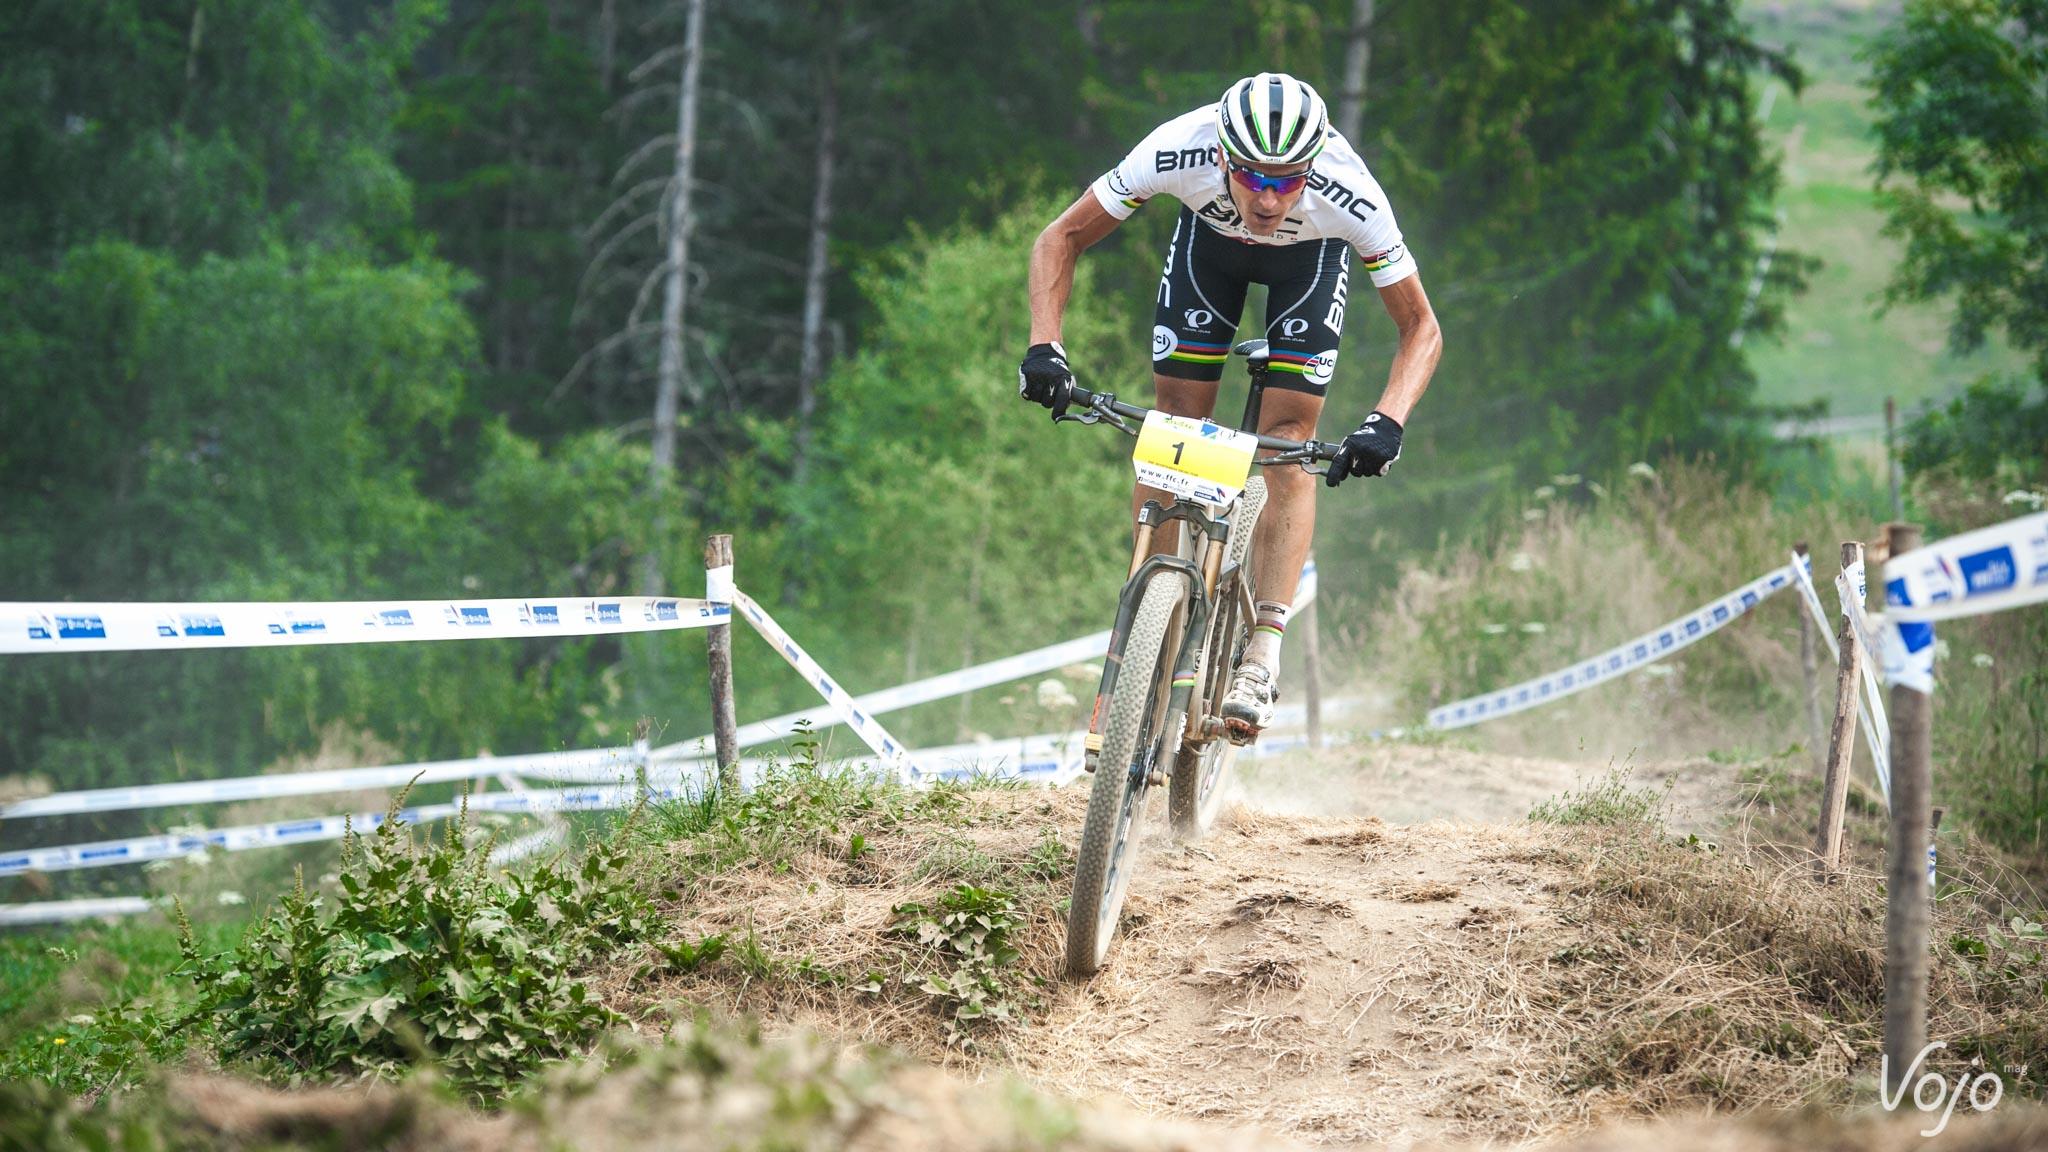 Championnats-de-france-2015-Oz-XC-Espoirs-finale-28